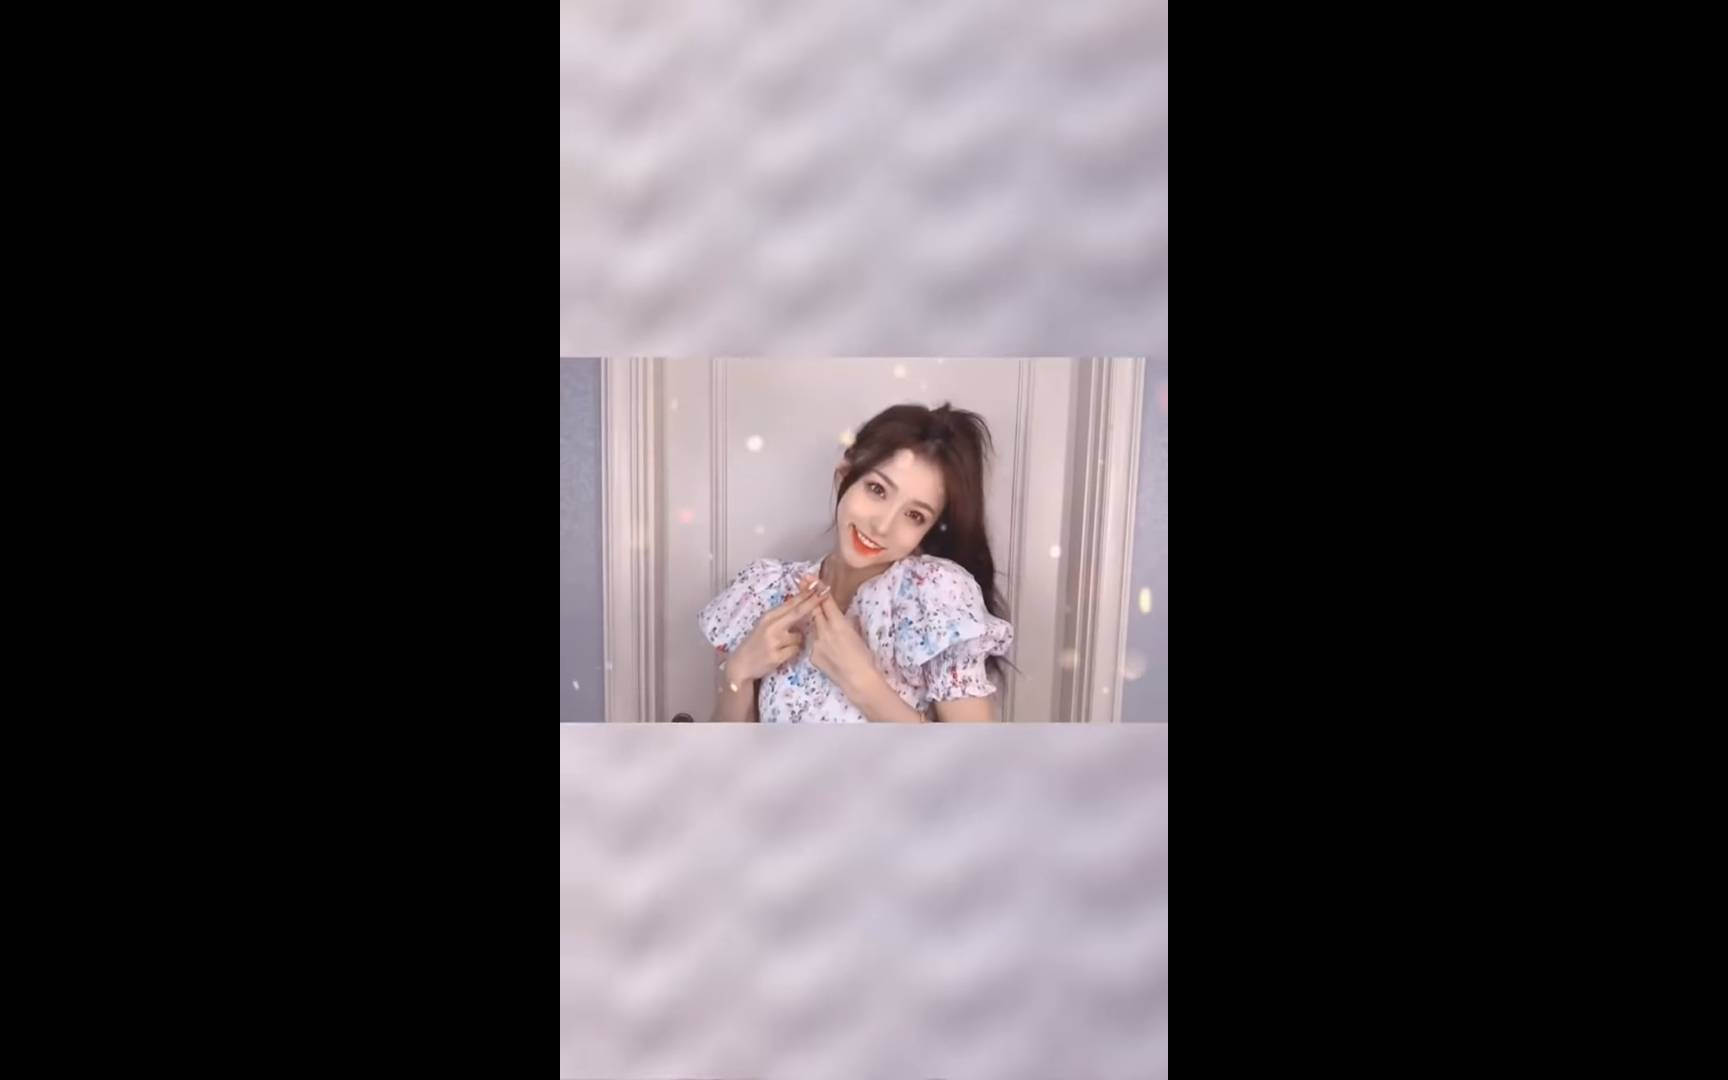 【抖音 合輯】這是女生喜歡的身材嗎?  抖音短視頻top10 - 美女小姐姐搞笑热门